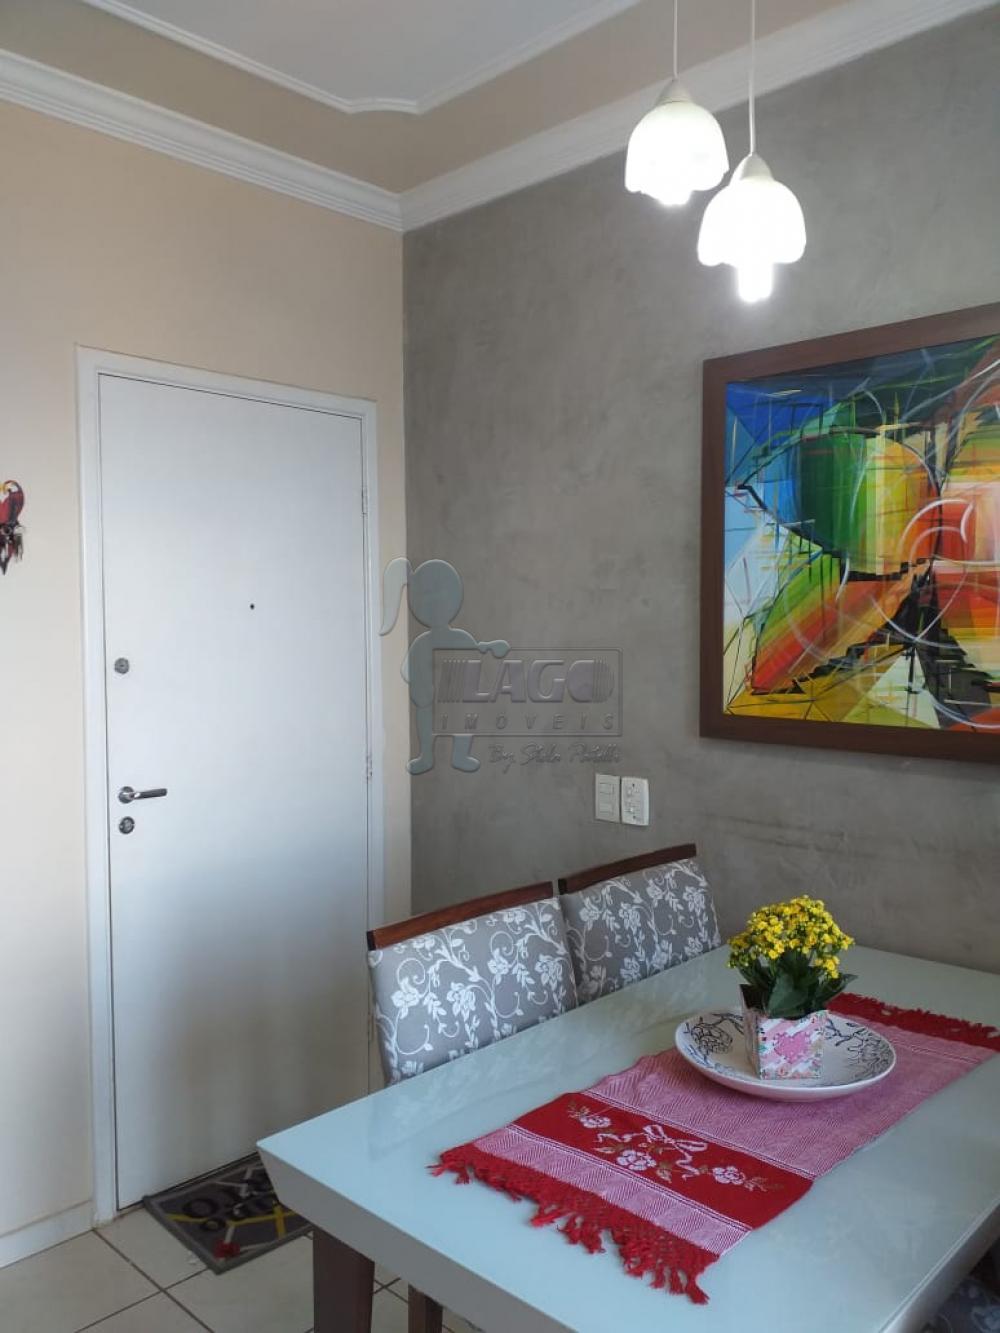 Comprar Apartamento / Padrão em Ribeirão Preto apenas R$ 210.000,00 - Foto 10